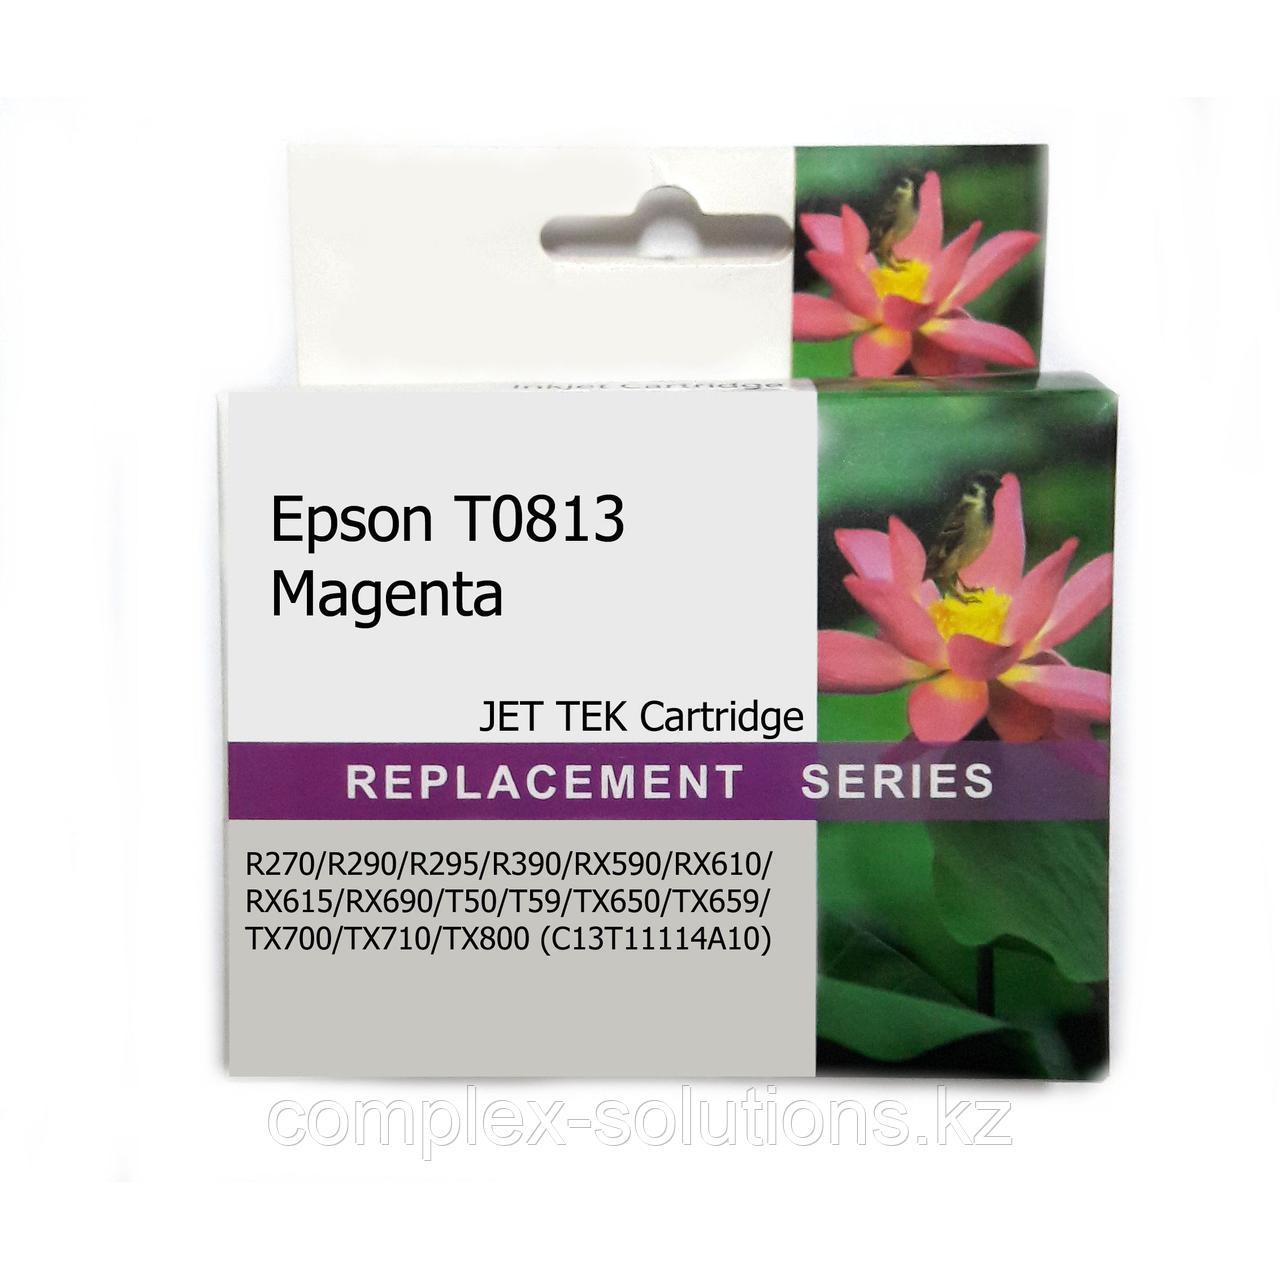 Картридж EPSON T0813 Magenta JET TEK   [качественный дубликат]